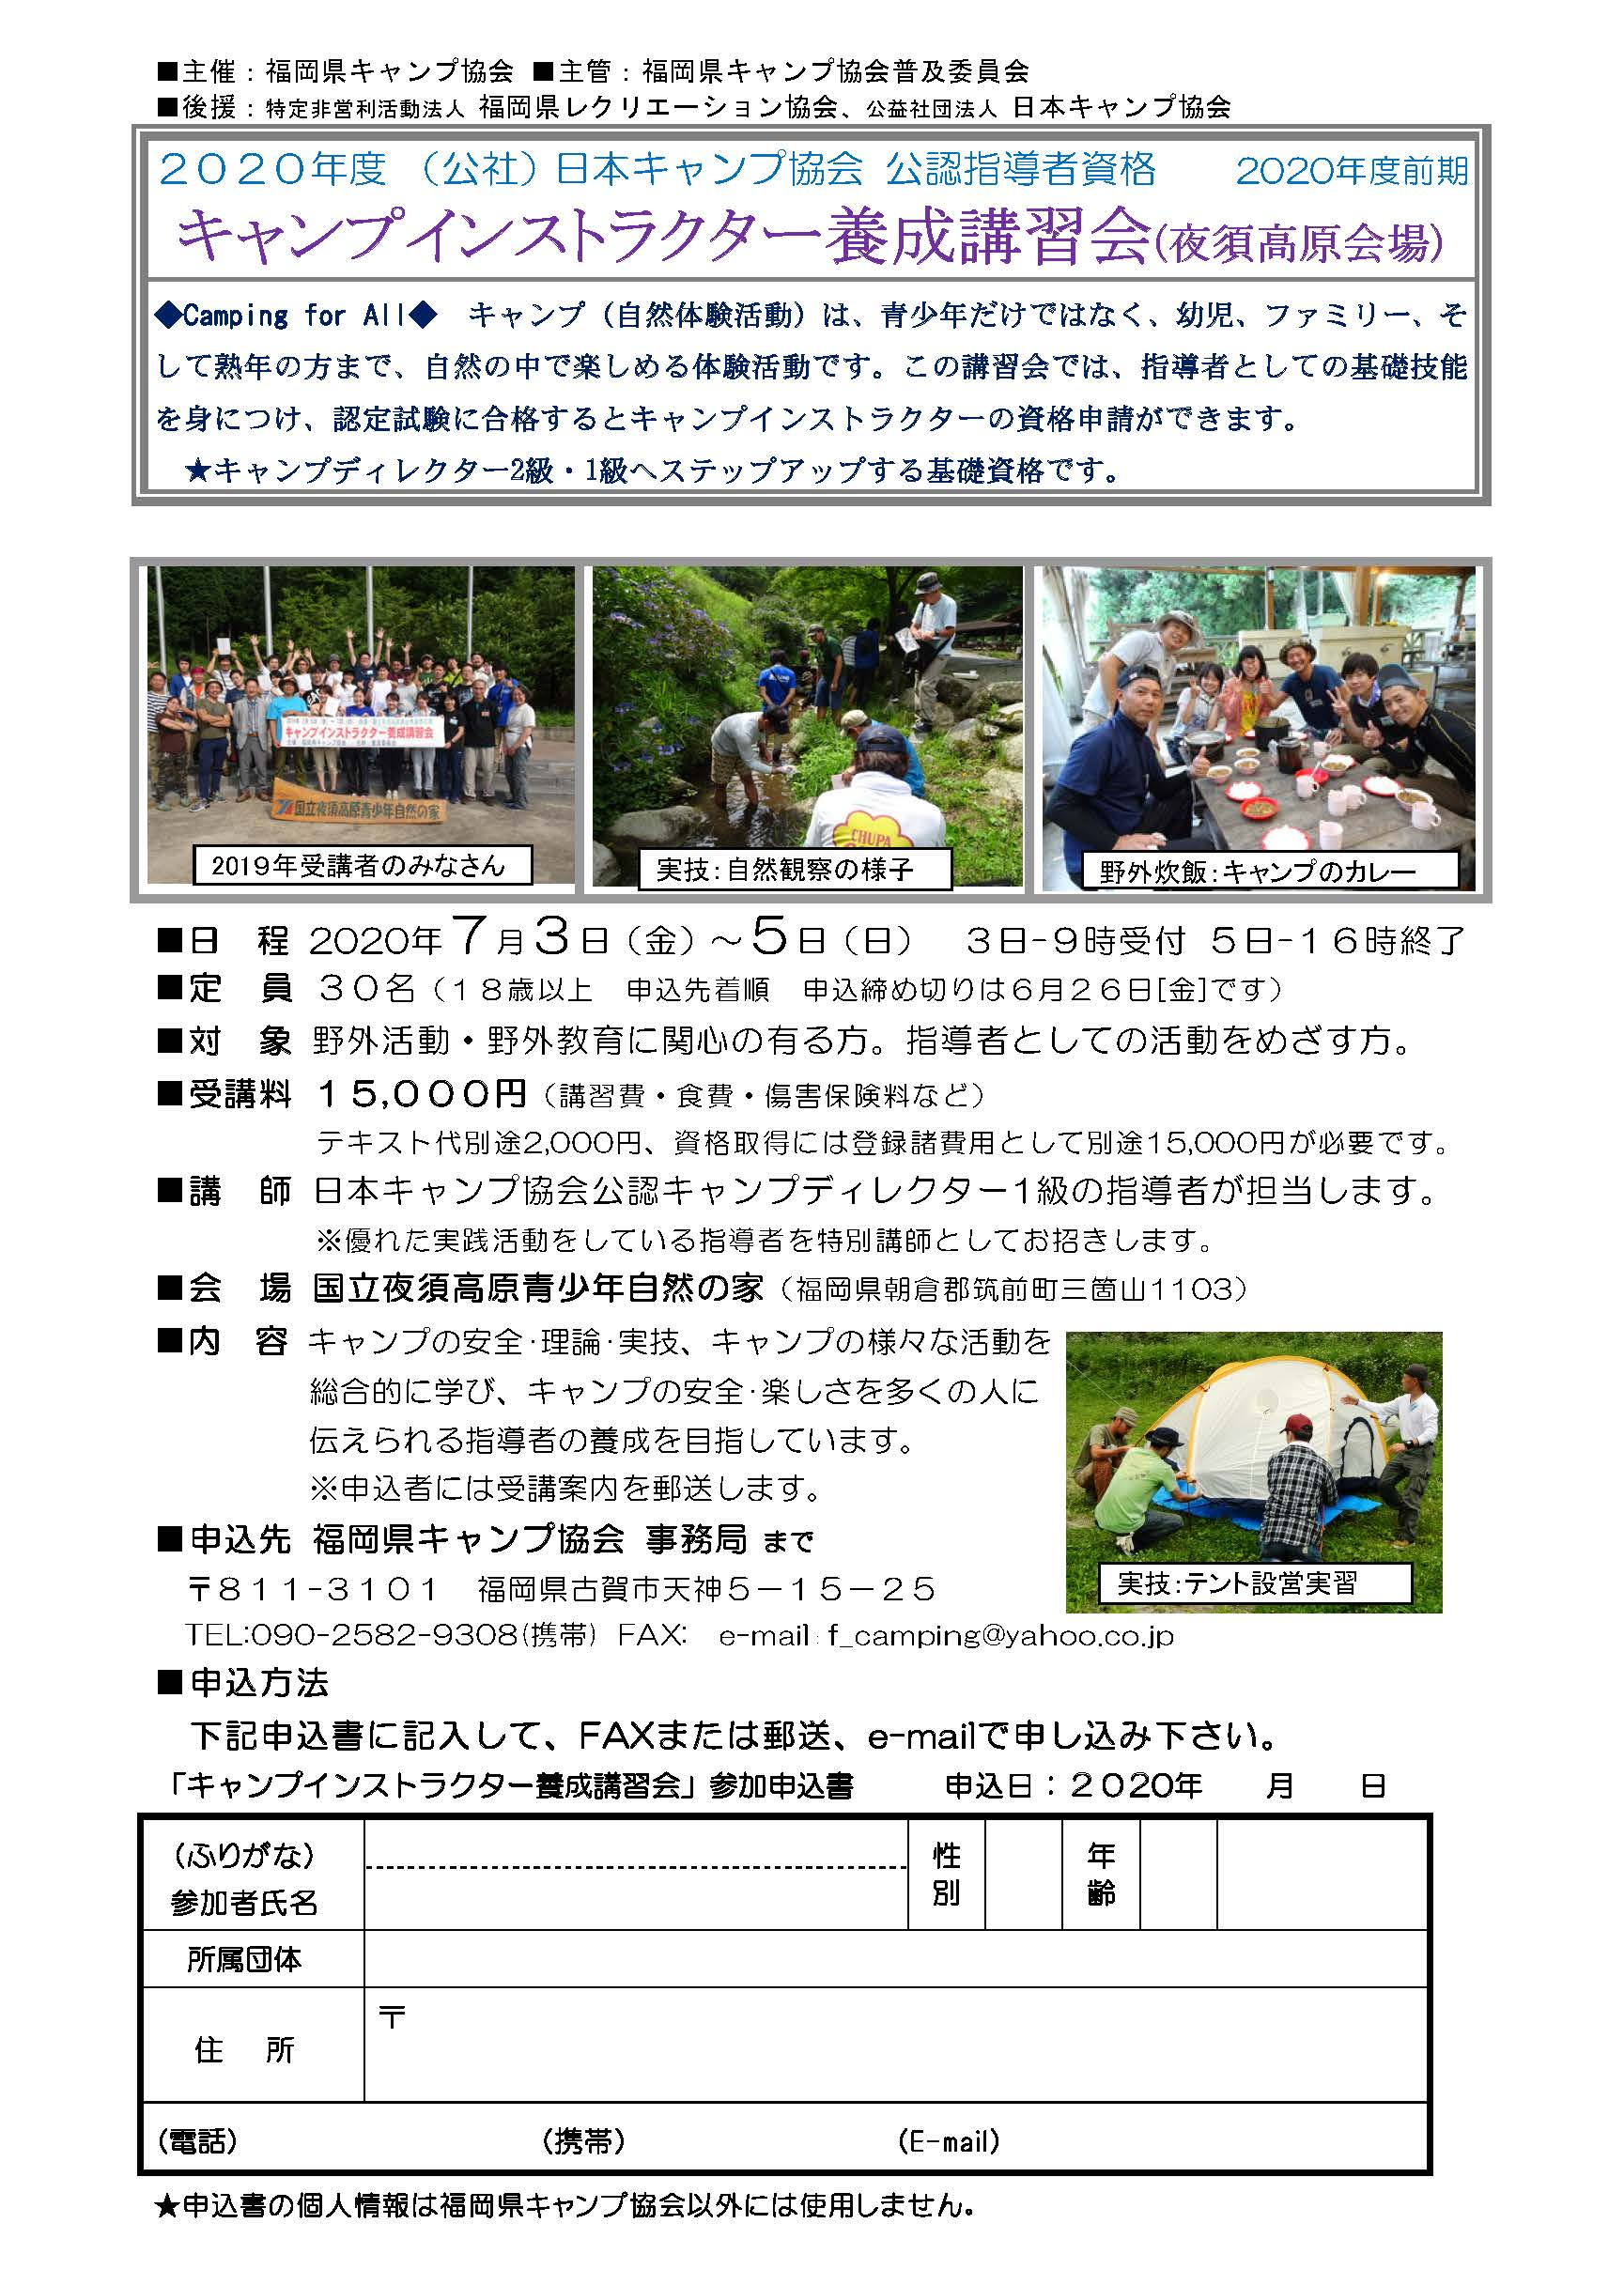 【中止】福岡:キャンプインストラクター養成講習会(夜須高原会場) @ 国立夜須高原青少年自然の家